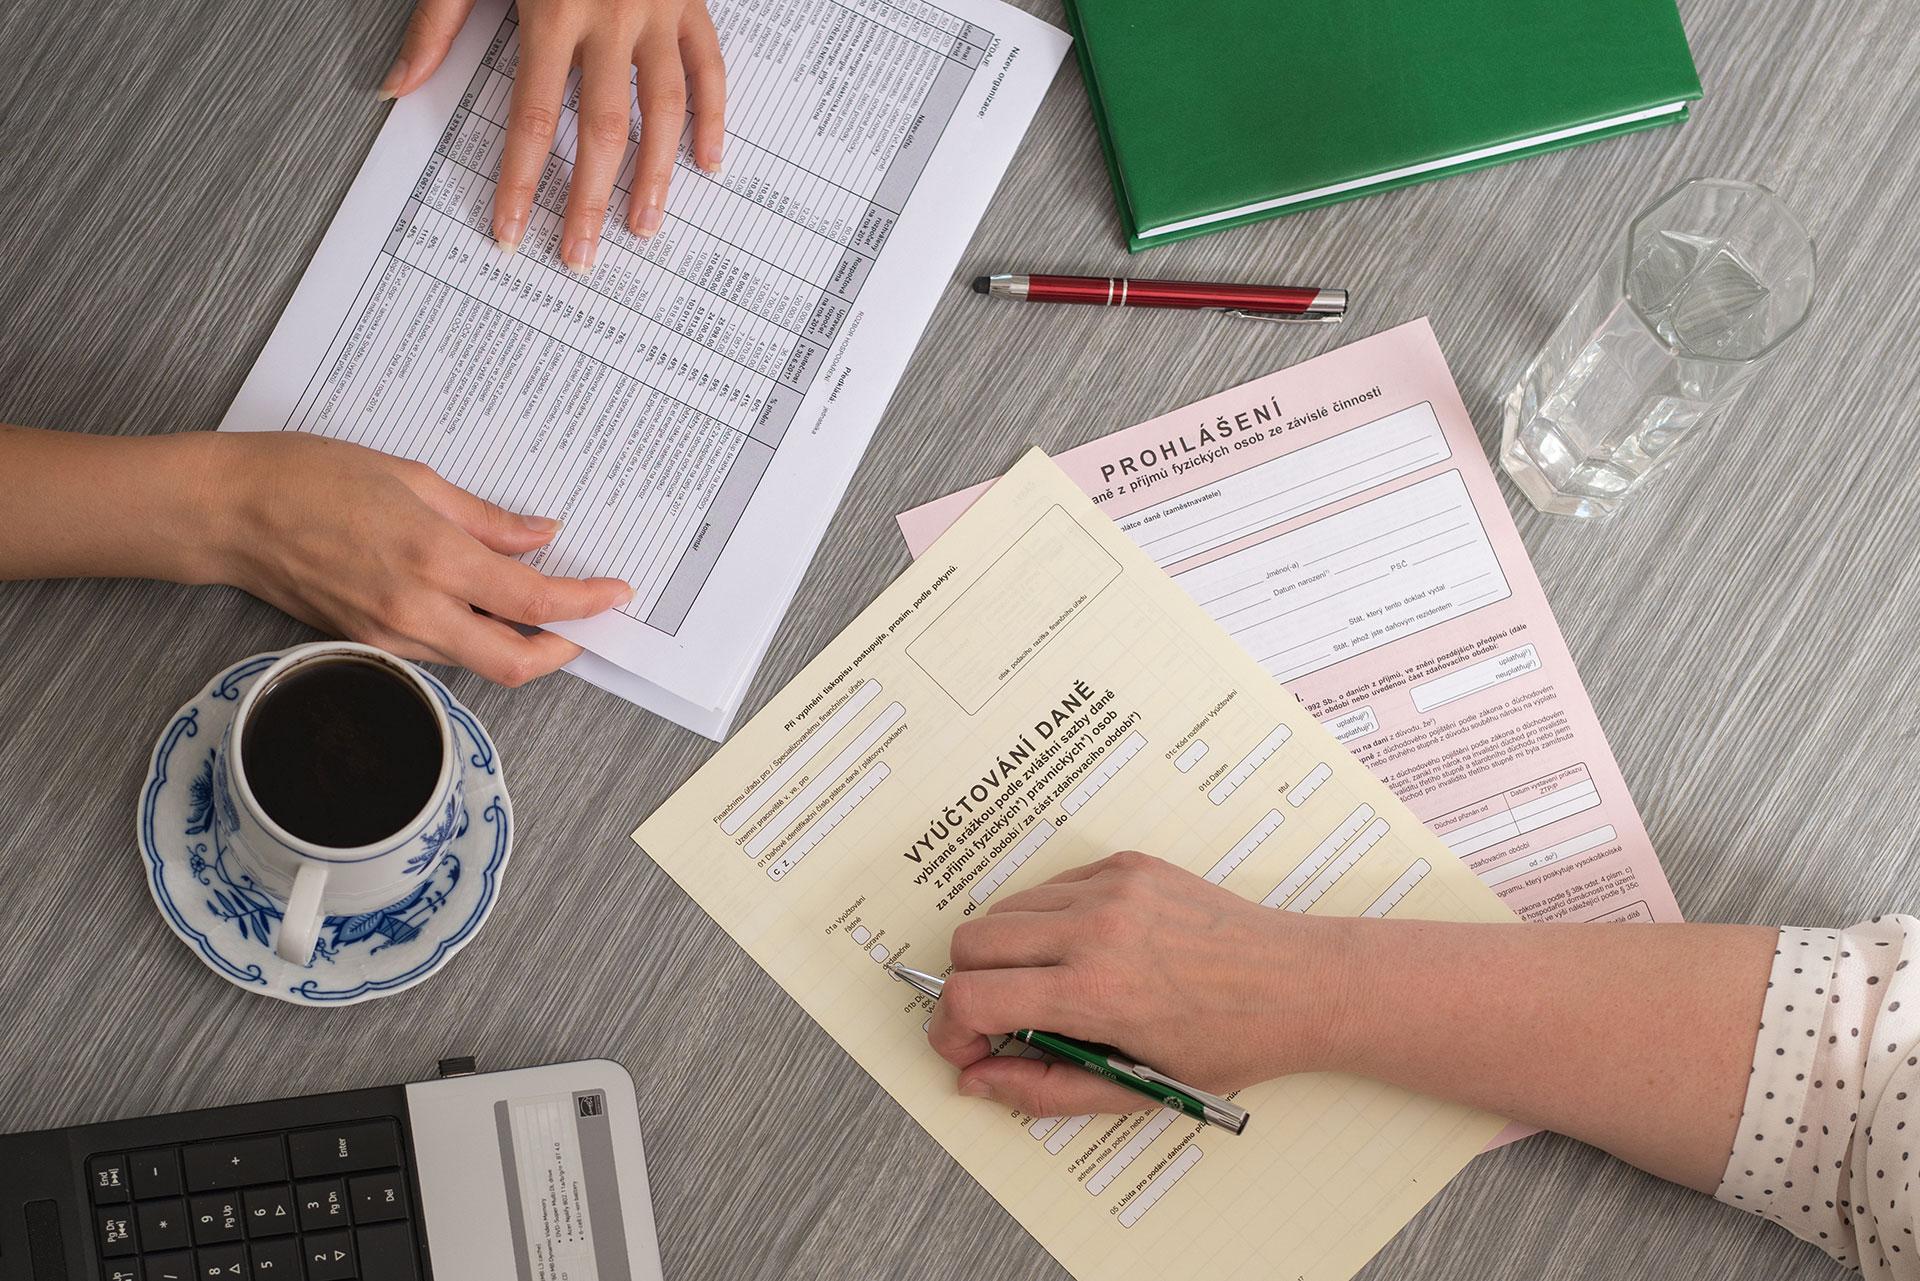 Daně, daňová přiznání, poradenství Louny